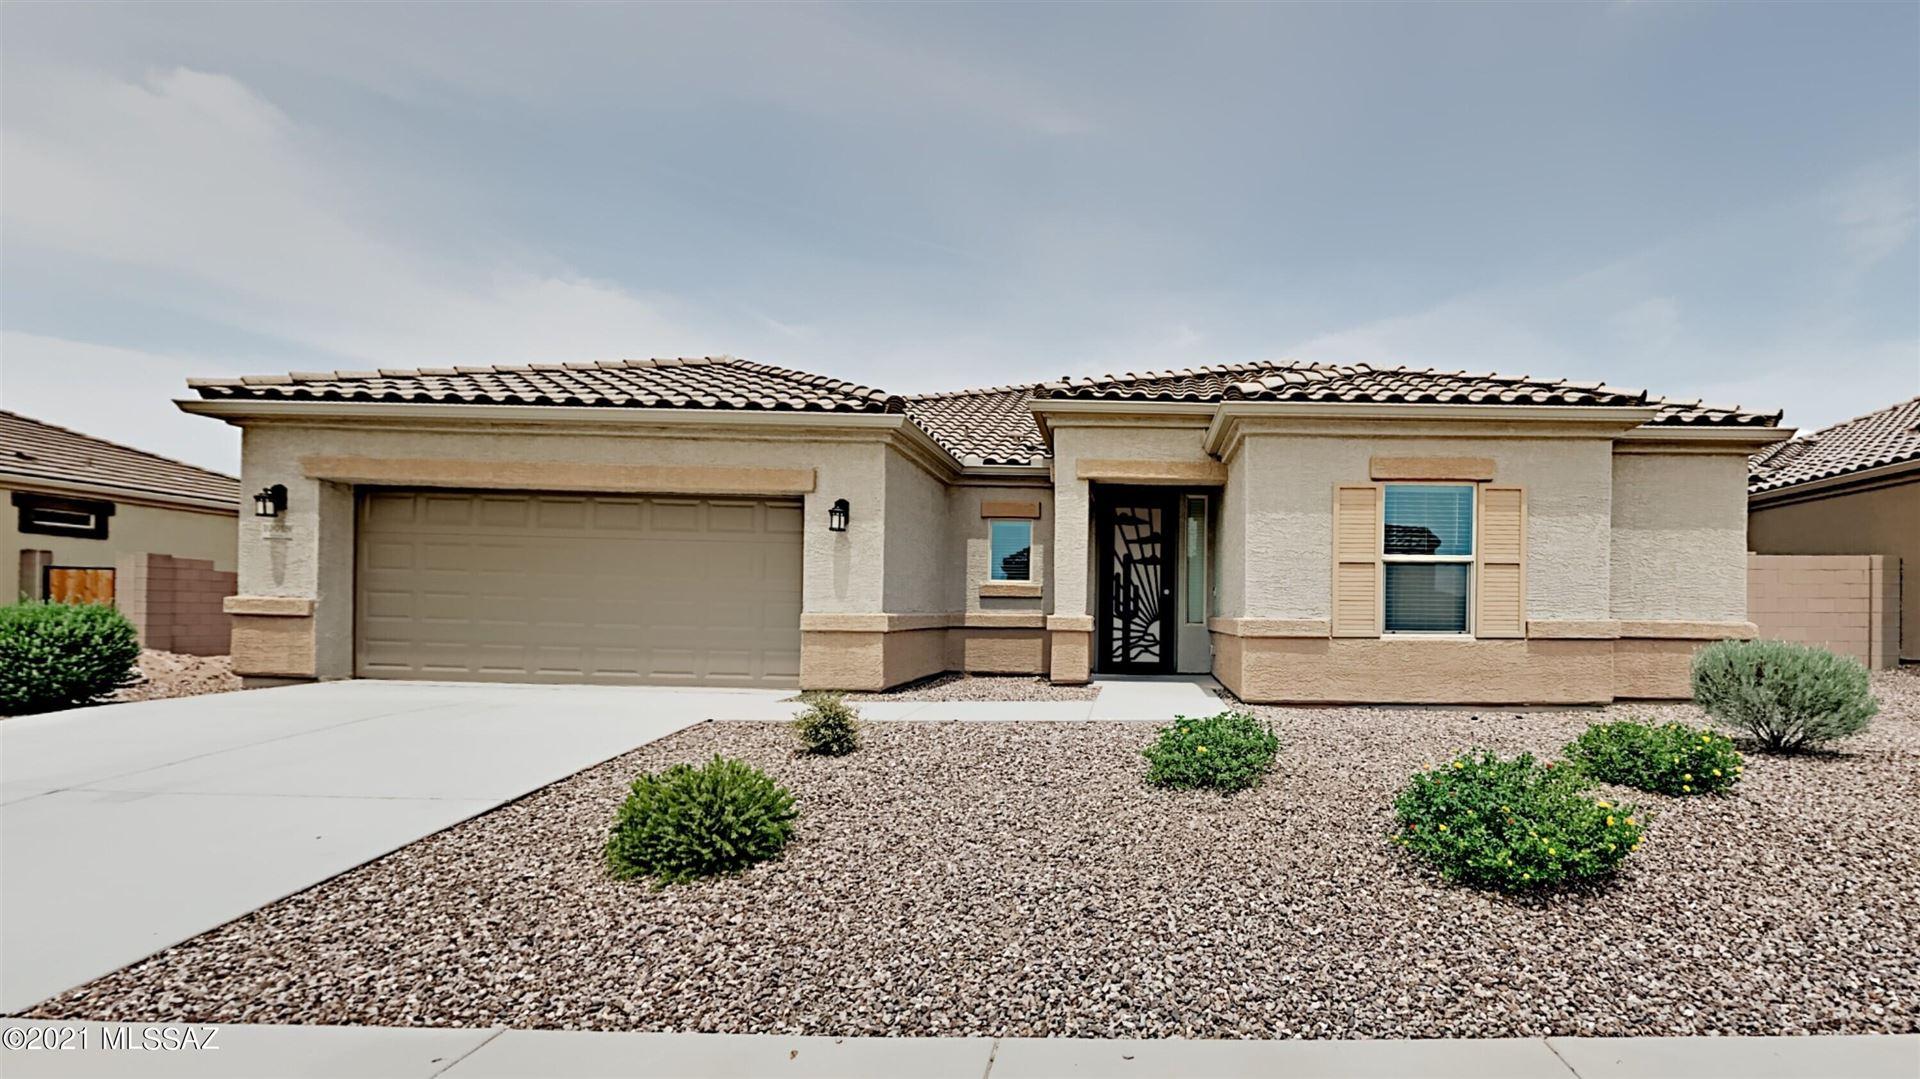 10018 N Saguaro Bloom Way, Marana, AZ 85653 - MLS#: 22118560